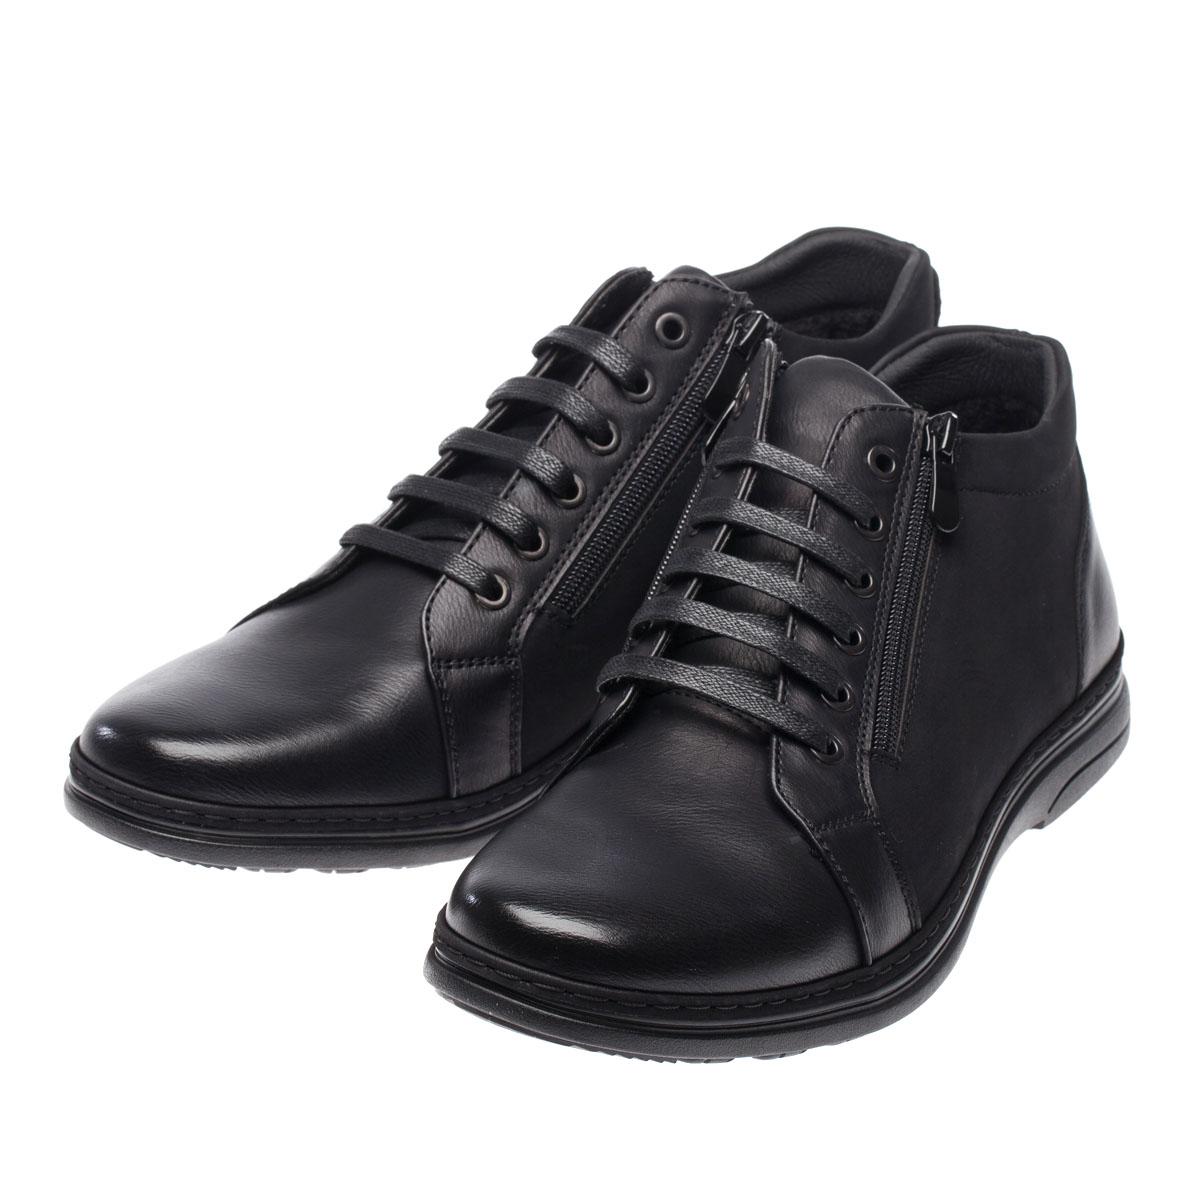 Ботинки демисезонные FERTO, 503-4